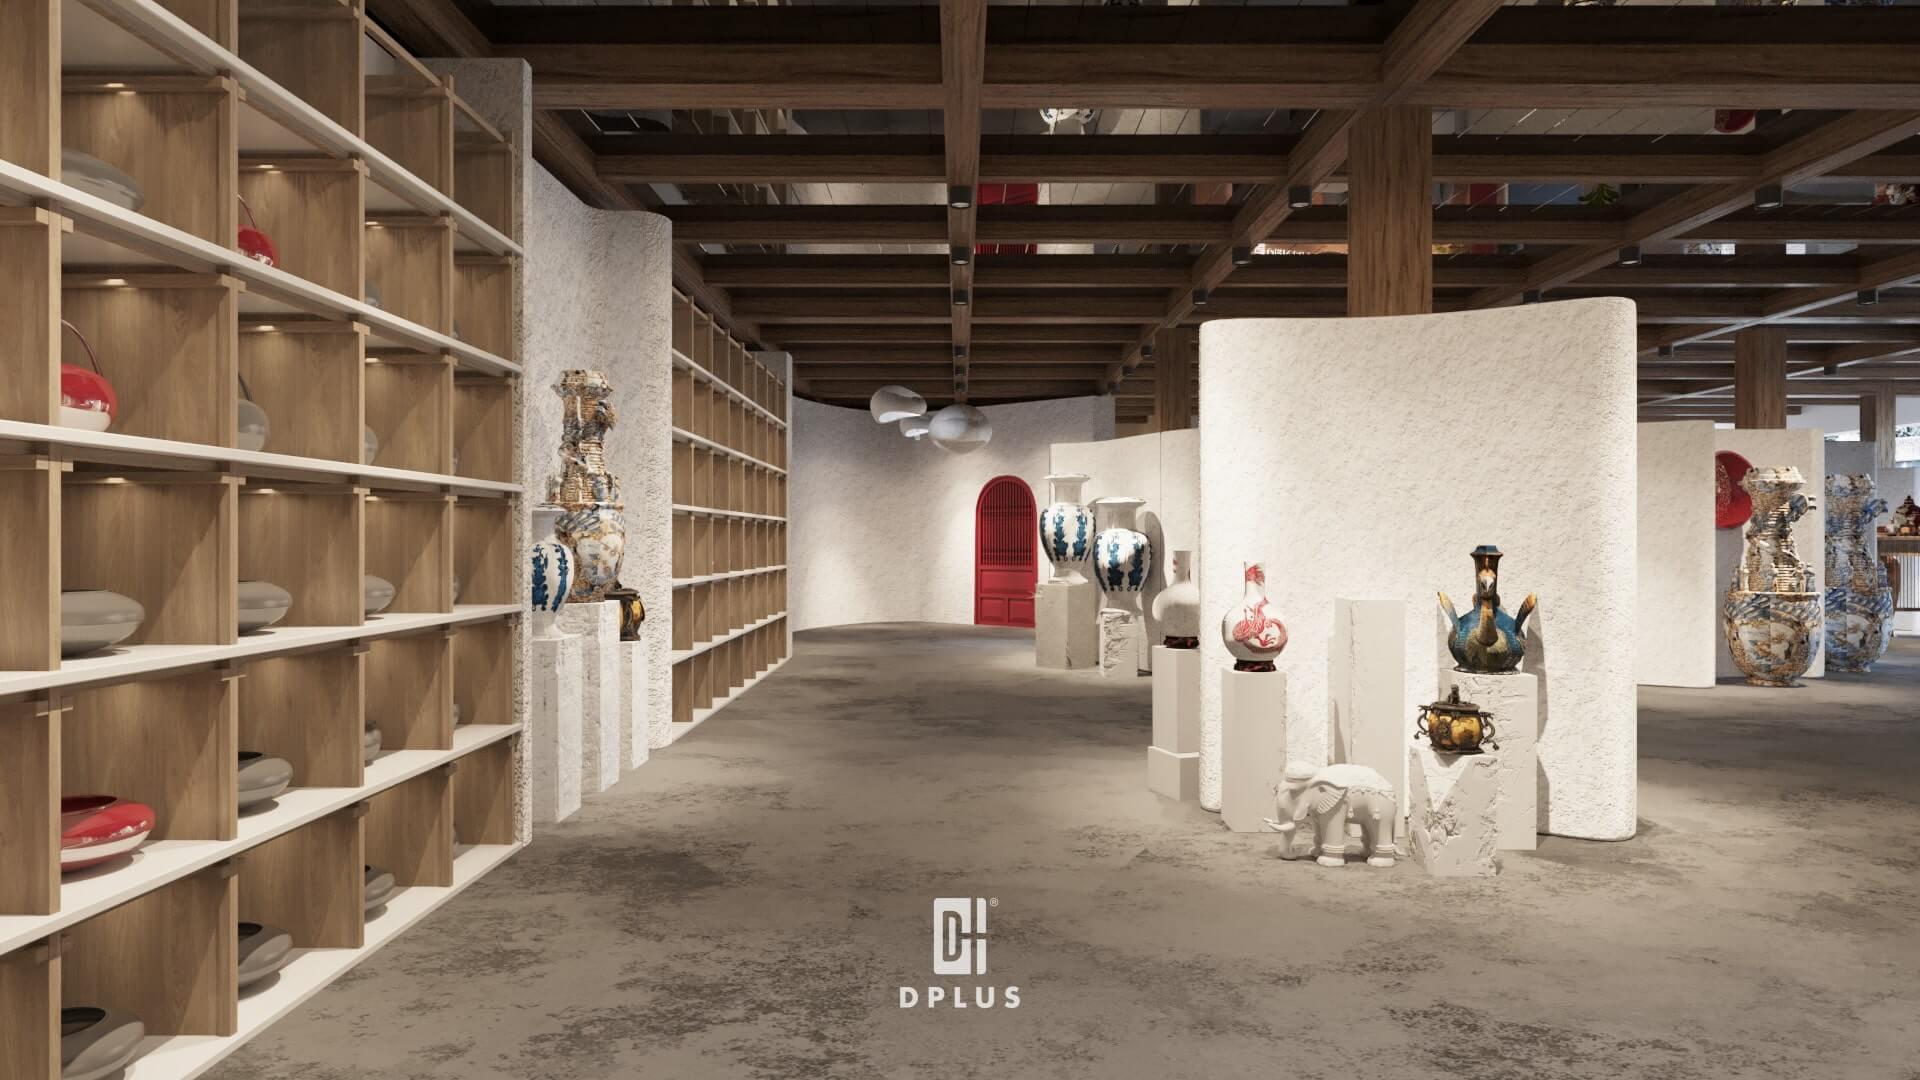 Ứng dụng phong cách đương đại trong thiết kế không gian trưng bày